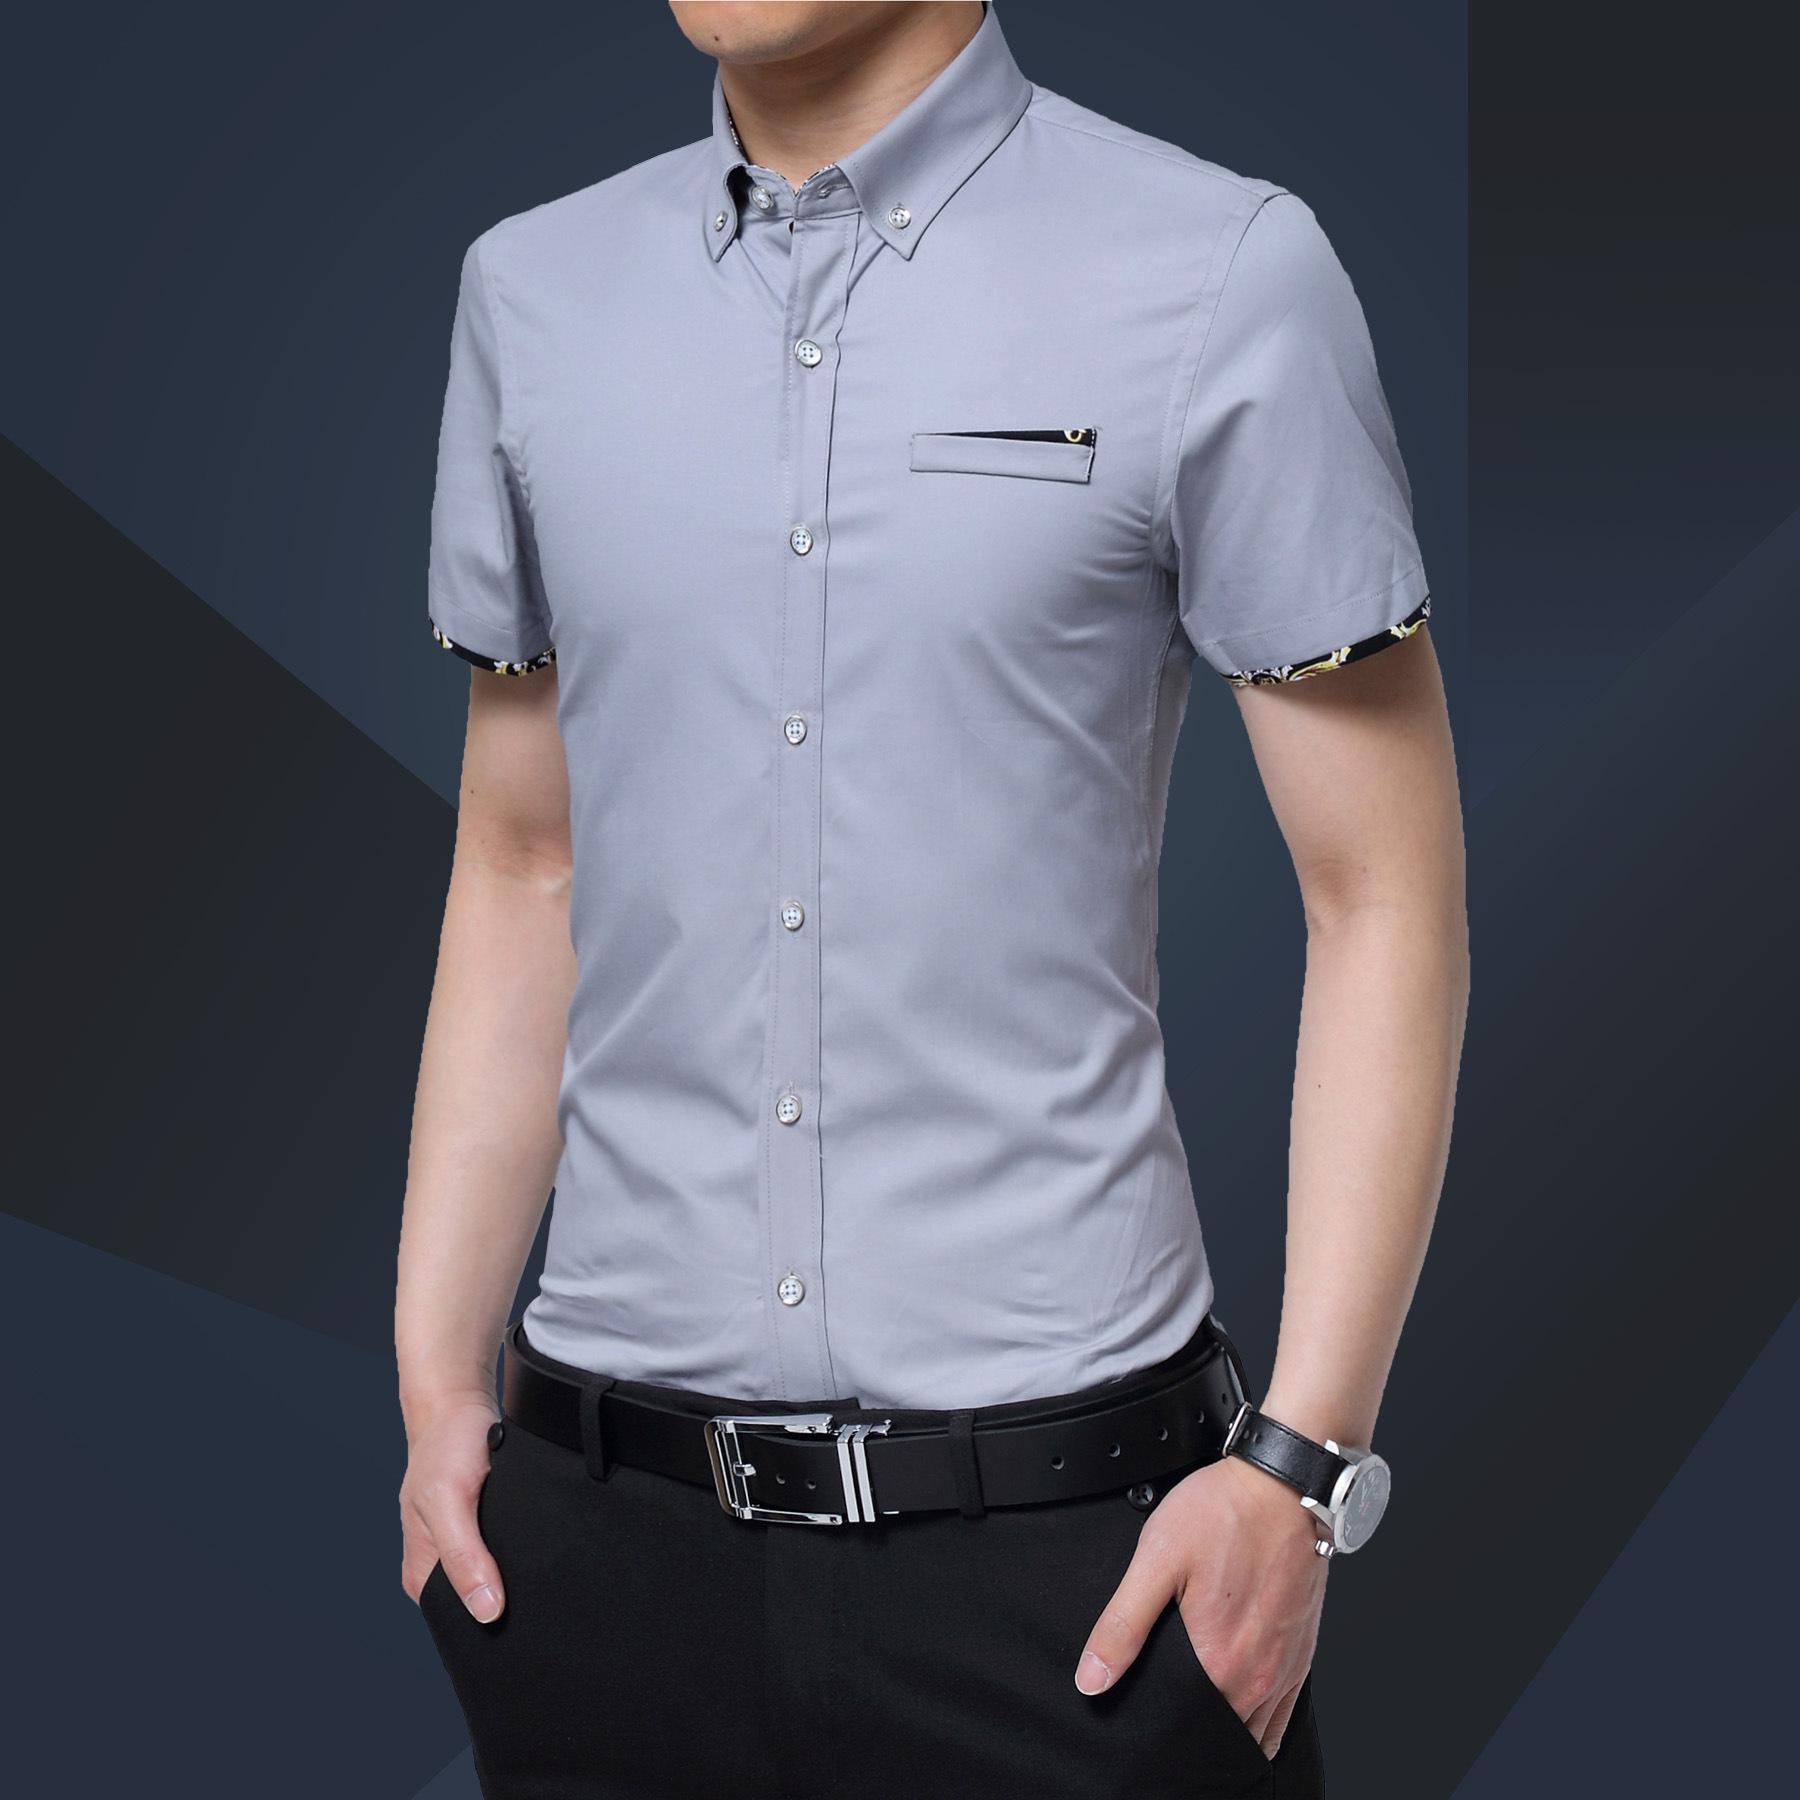 潮款外贸男式格子纯棉衬衣翻领商务男短袖薄大码衬衫跨境男装批发